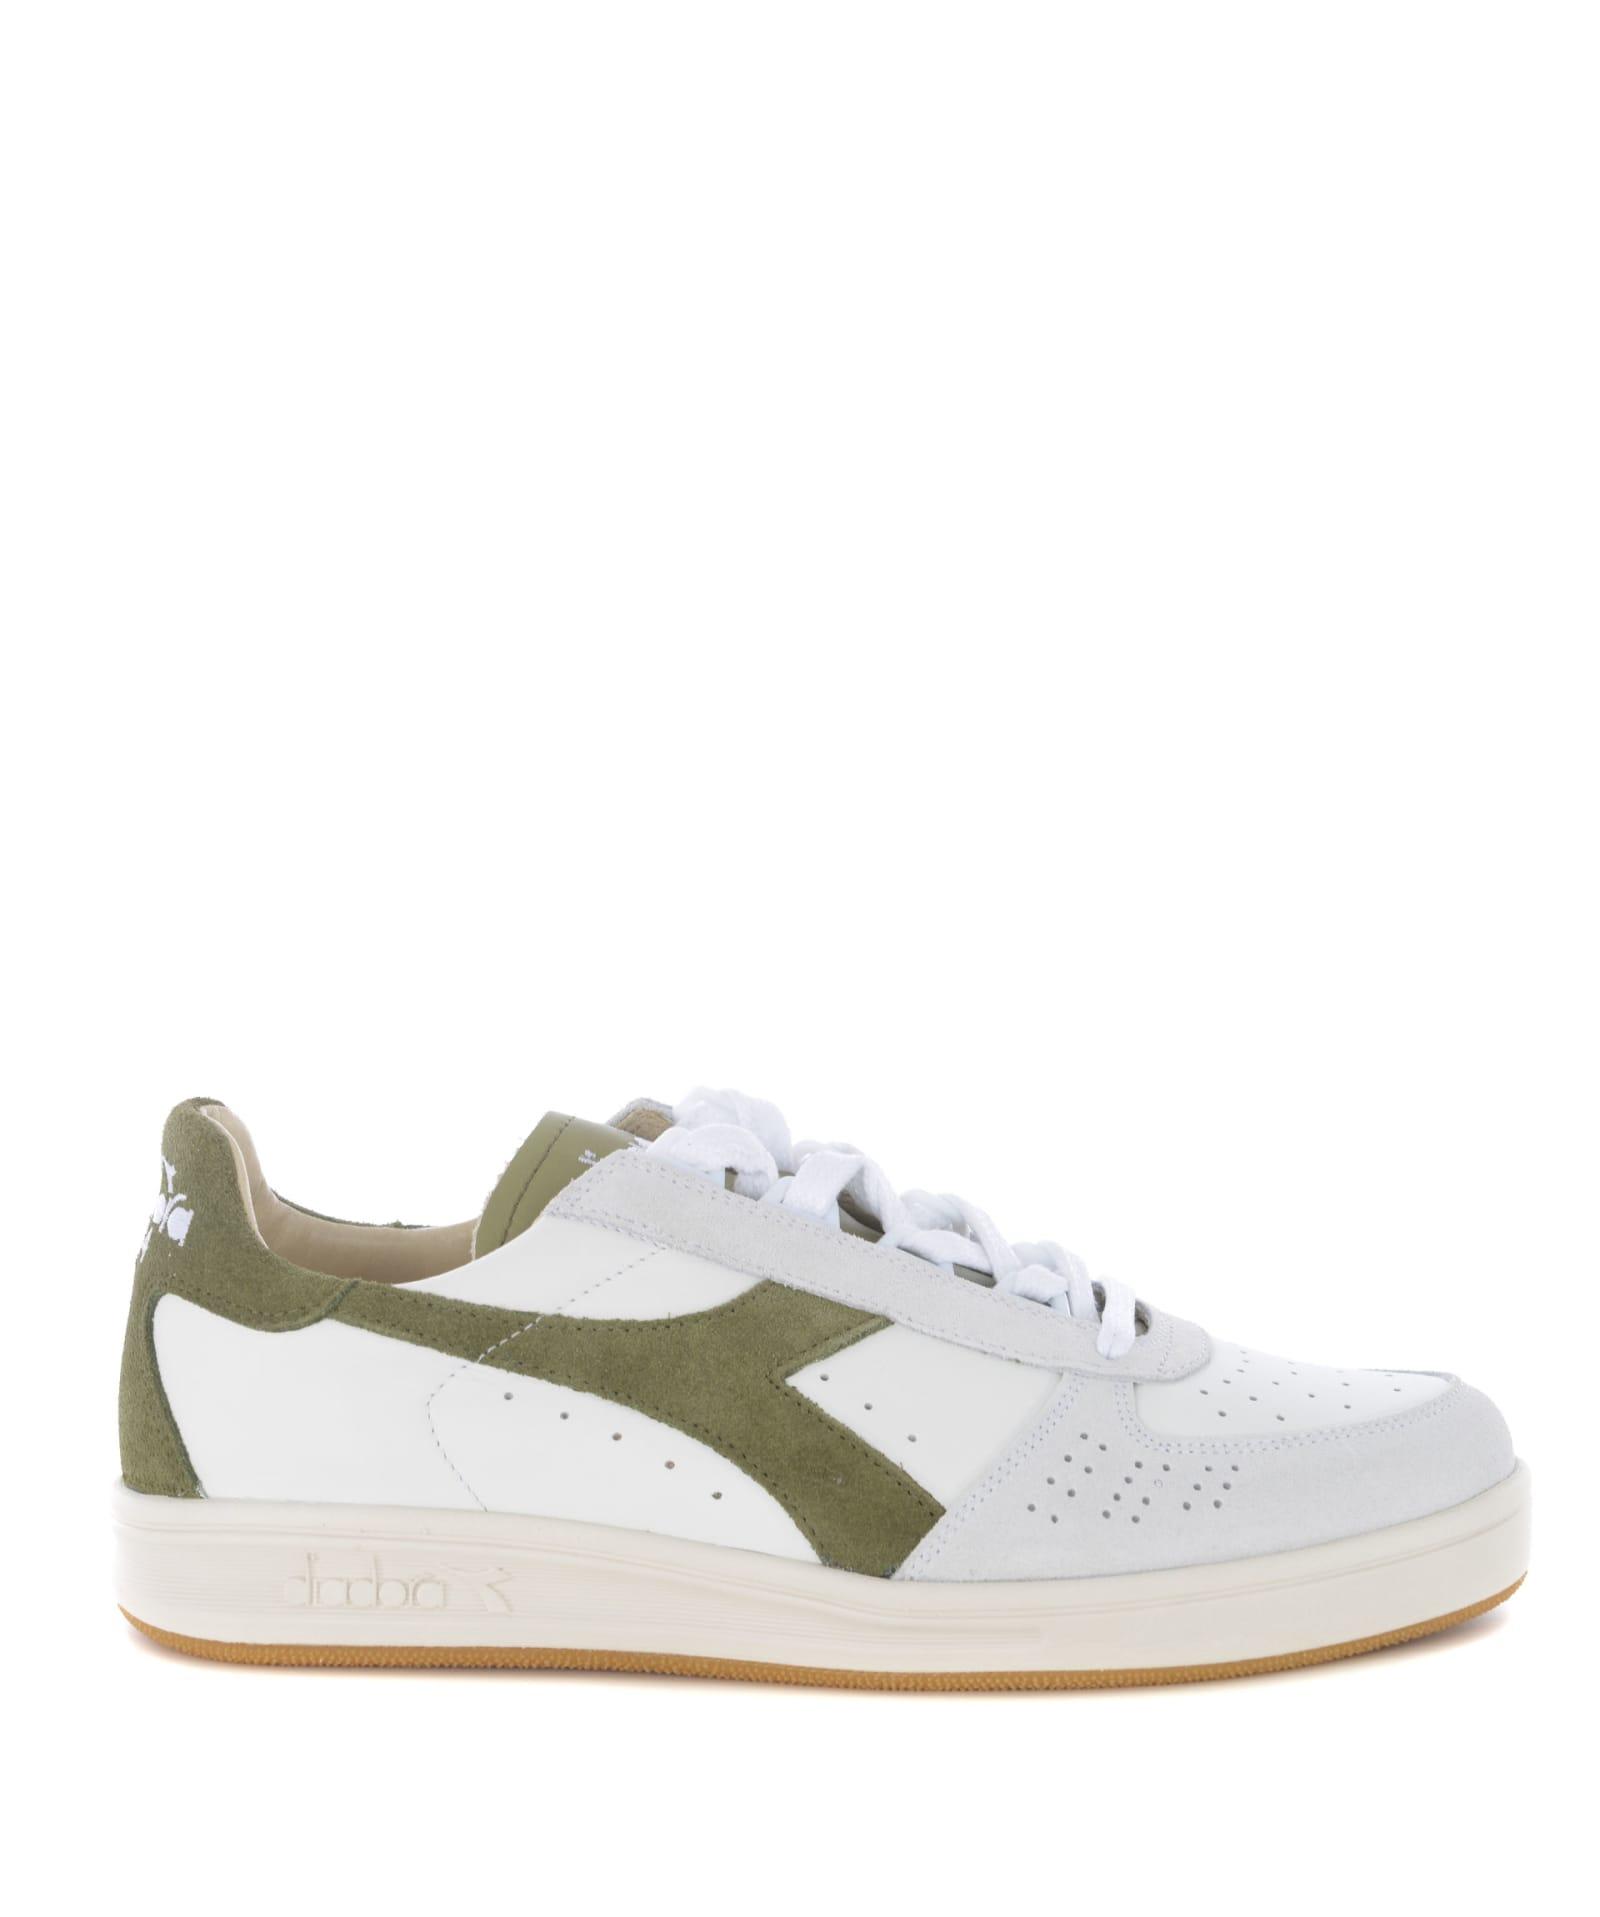 official photos c38cf e8839 Diadora Heritage Diadora Heritage Sneakers - Bianco/verde ...